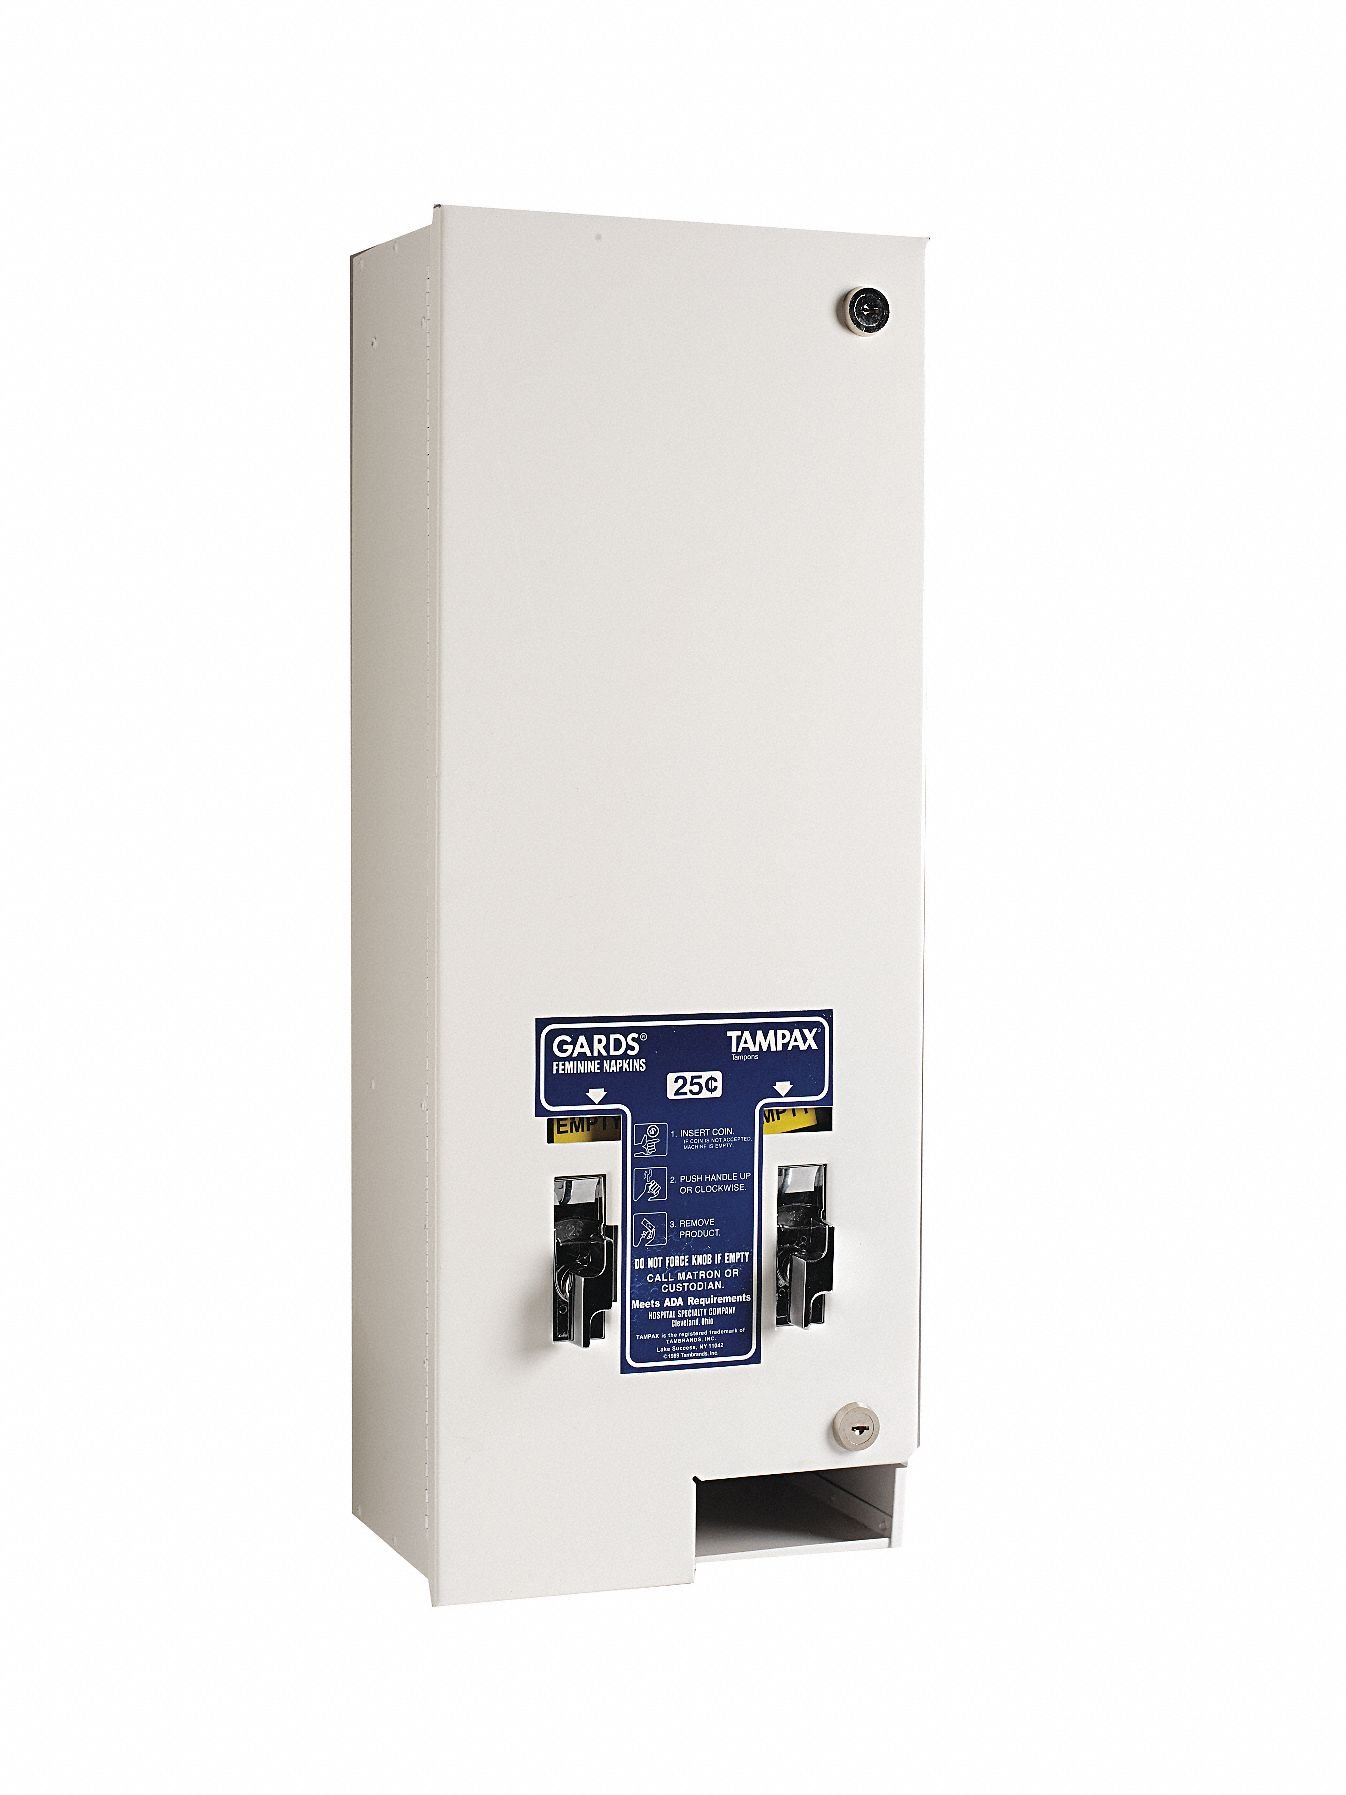 Sanitary Product Dispenser